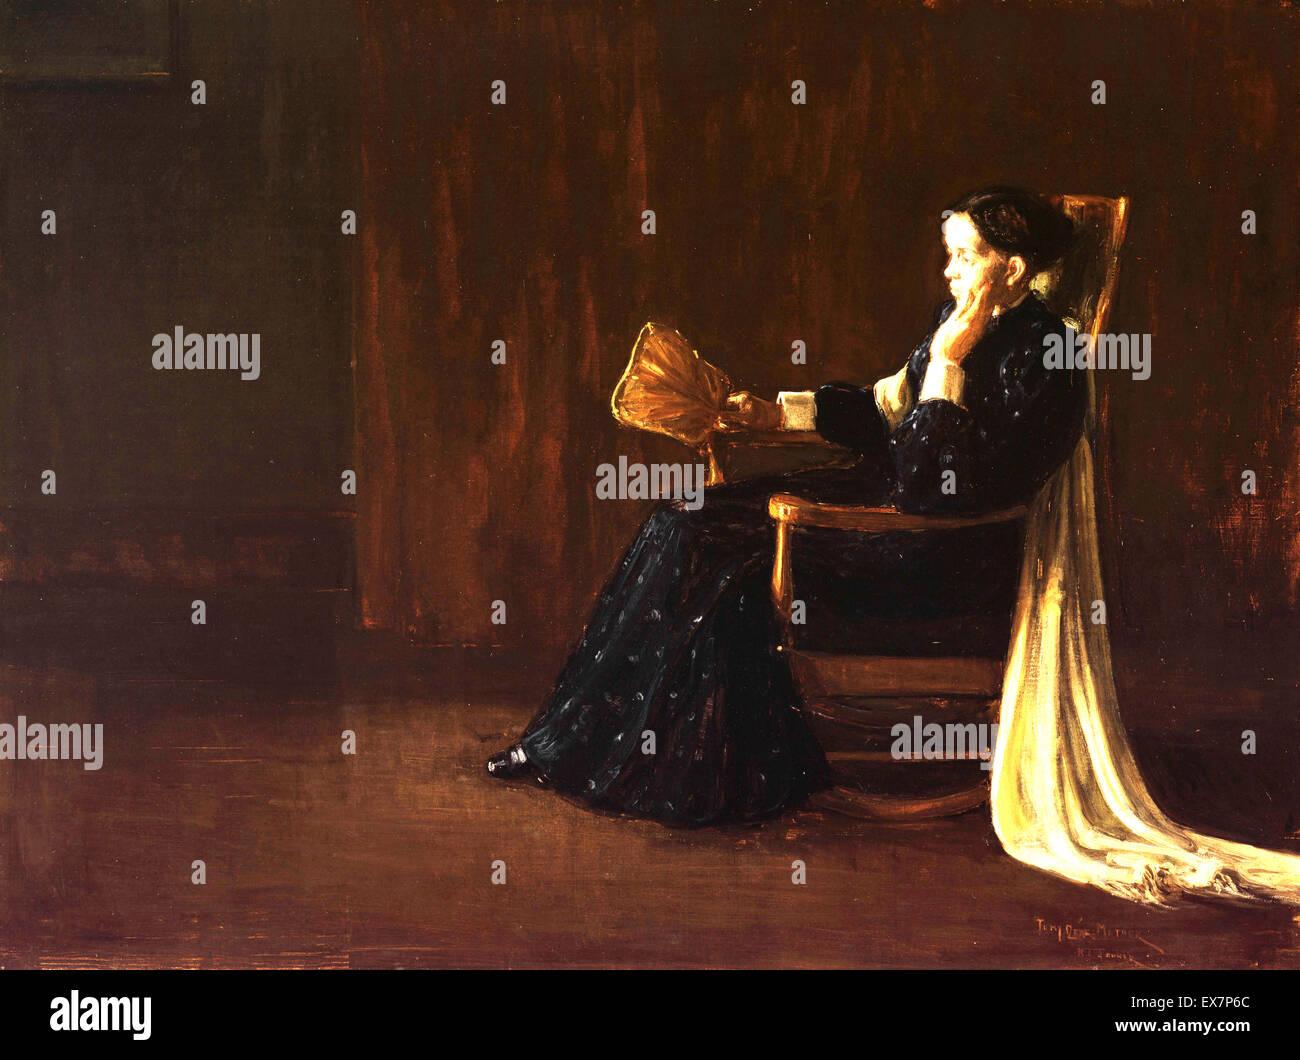 Henry Ossawa Tanner, Portrait des Künstlers Mutter 1897 Öl auf Leinwand. Philadelphia Museum of Art, USA. Stockbild